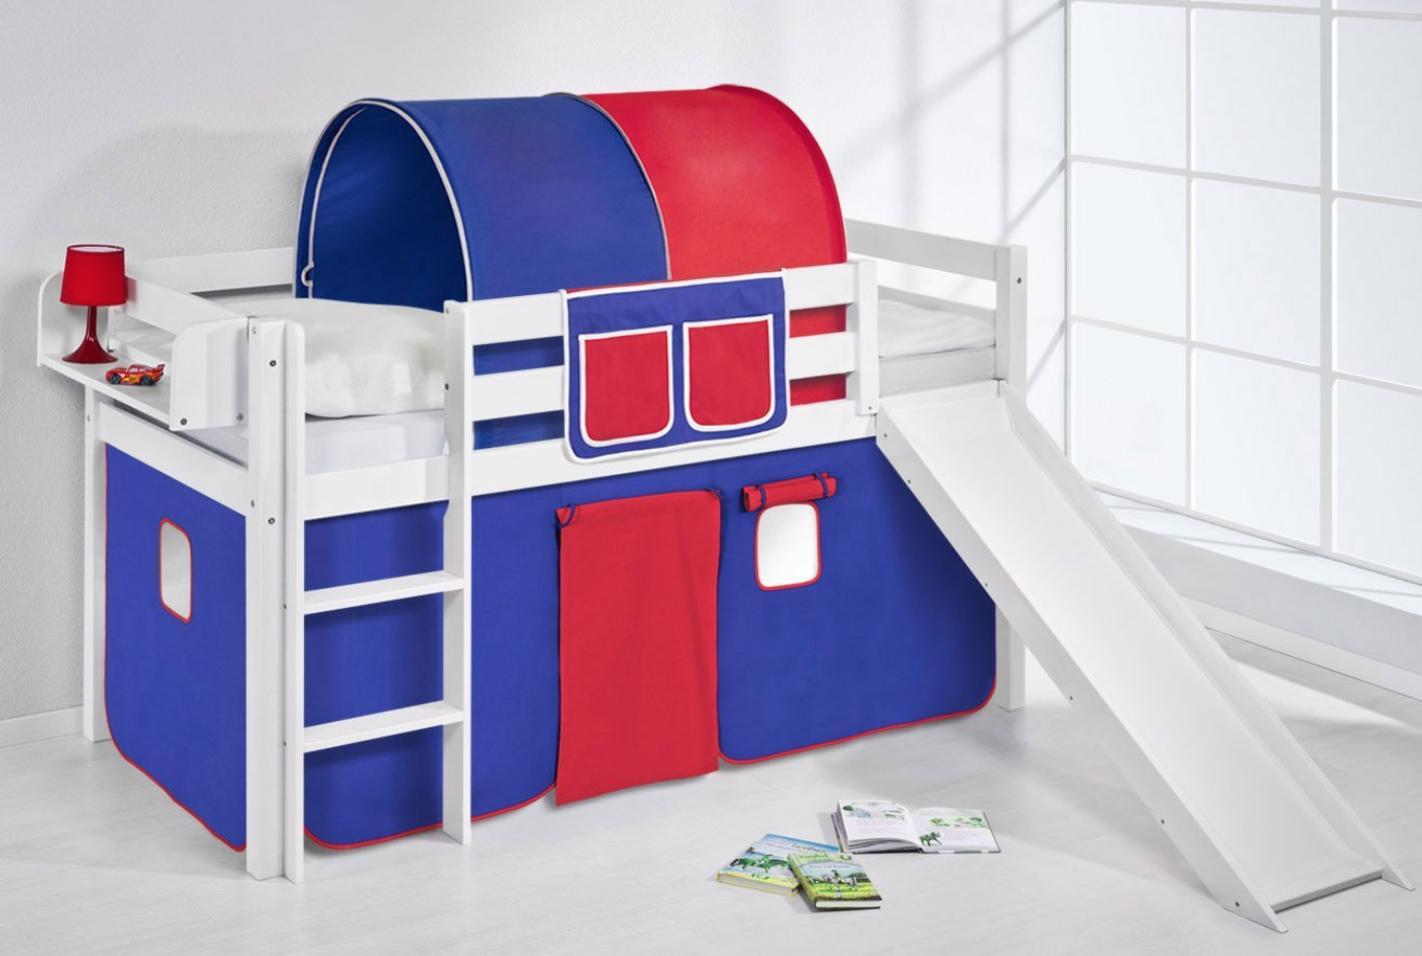 lit sur lev blanc rideau bleu rouge et toboggan 90x190 cm sommier sans sommier sans matelas. Black Bedroom Furniture Sets. Home Design Ideas